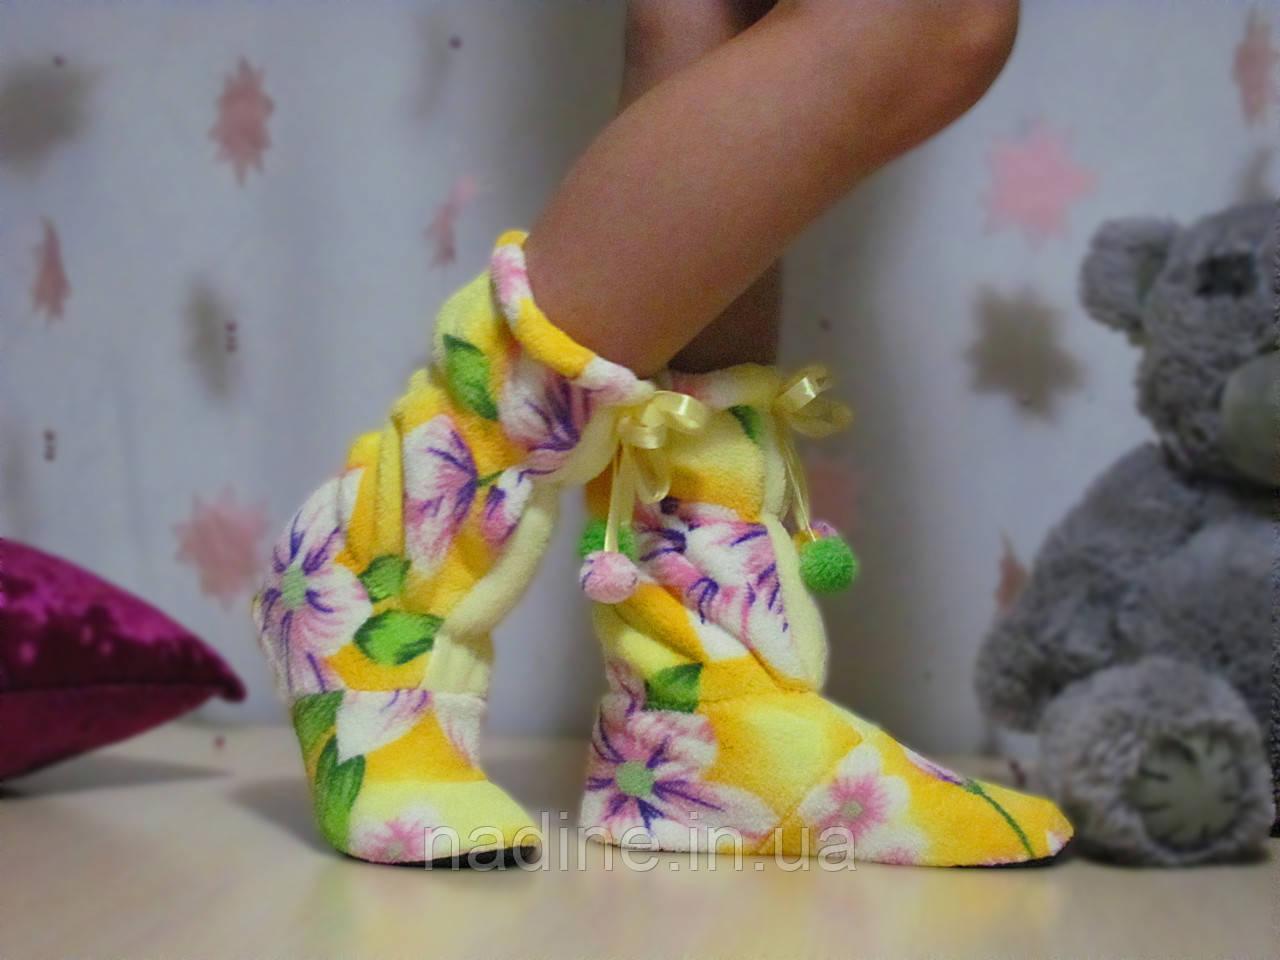 Сапожки Flower для дома Eirena Nadine (S-410) желтые 24см